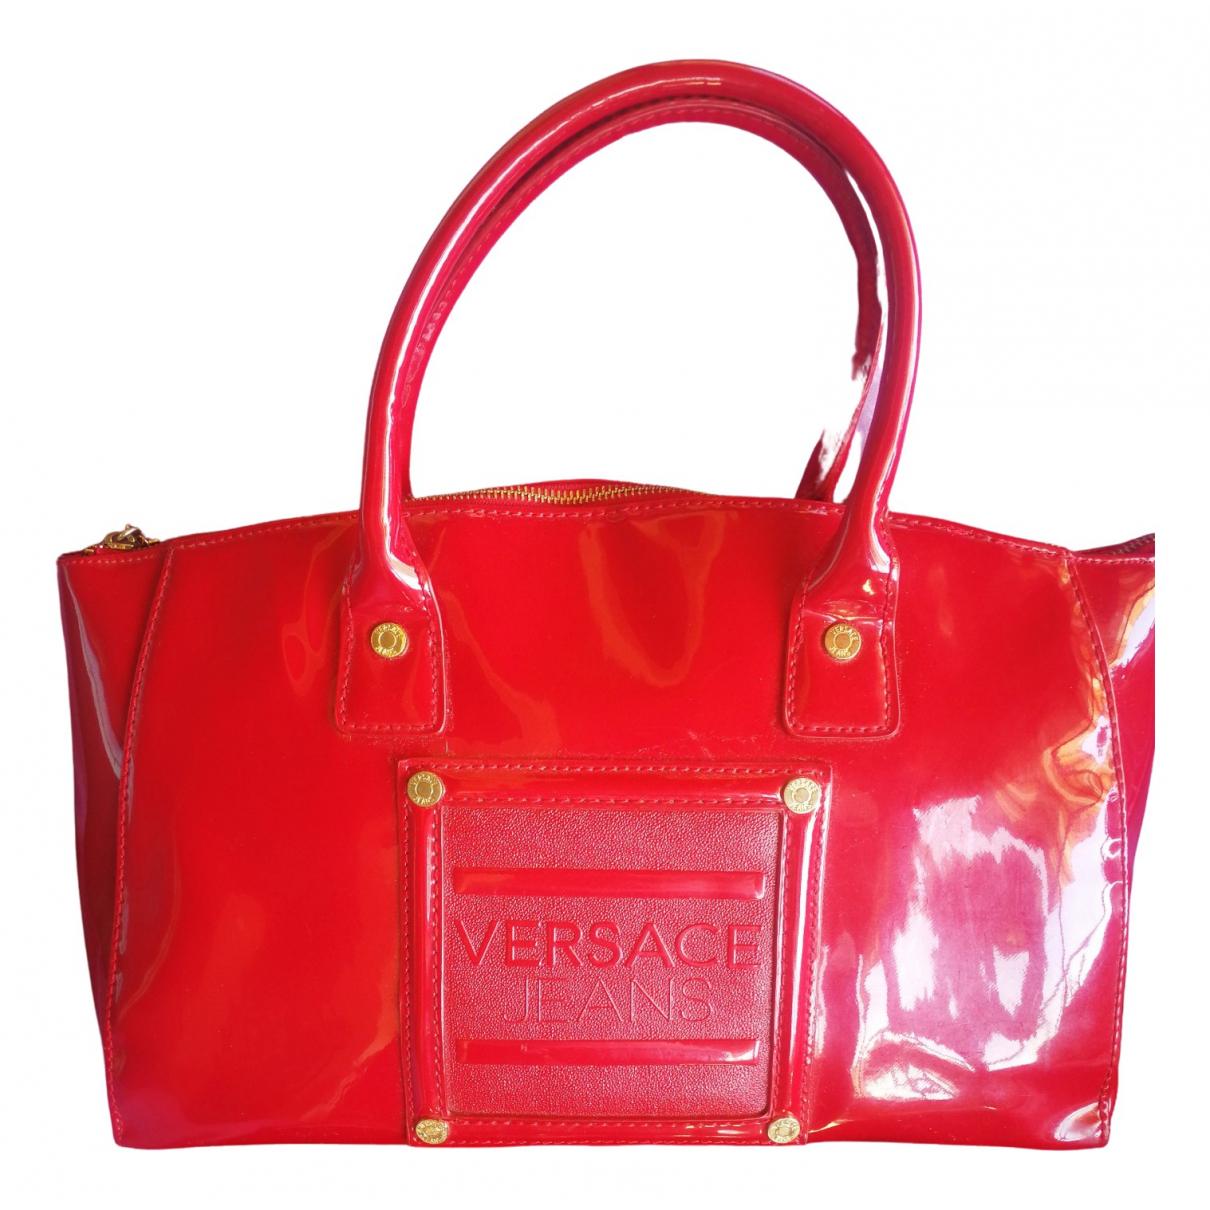 Versace Jeans \N Red handbag for Women \N